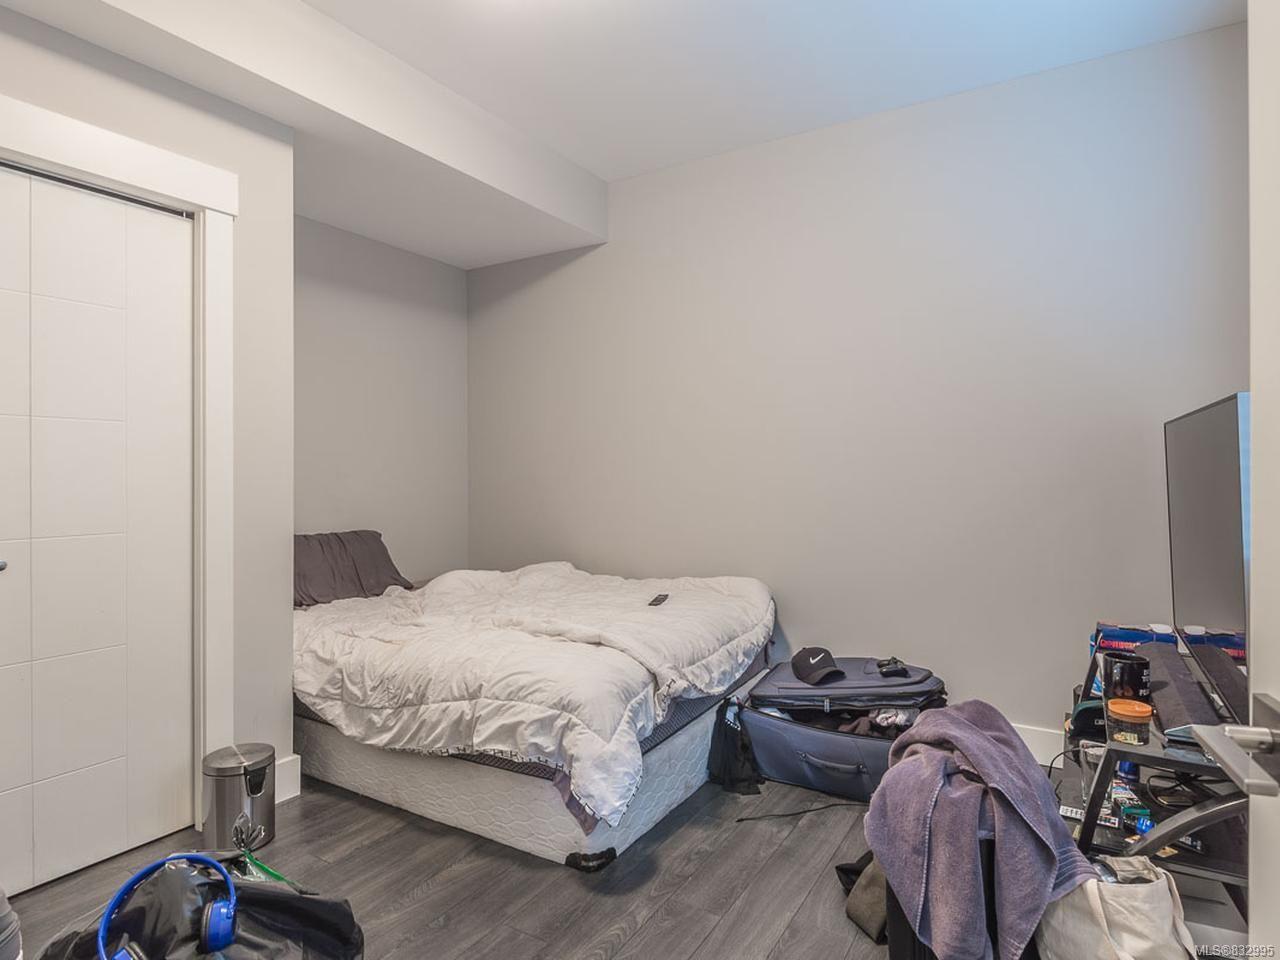 Photo 23: Photos: 5896 Linyard Rd in NANAIMO: Na North Nanaimo House for sale (Nanaimo)  : MLS®# 832995